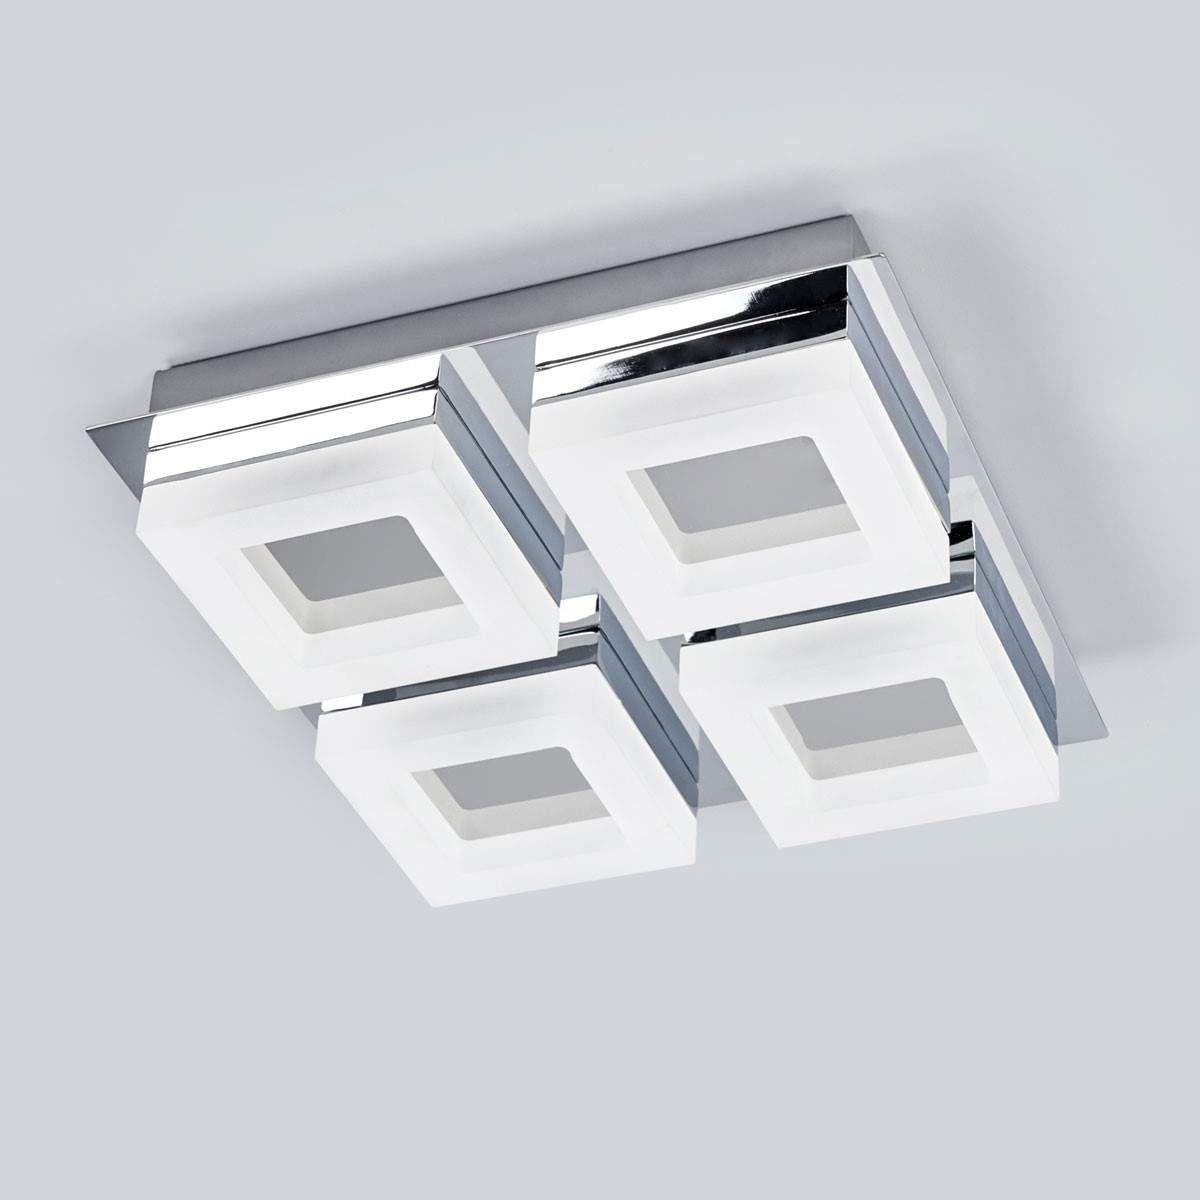 Full Size of Deckenlampe Bad Badezimmer Bauhaus Deckenleuchte Design Led Dimmbar Ip44 Holz Deckenlampen Obi Moderne Von Lampenweltcom Wei In 2020 Hotel Langensalza Wohnzimmer Deckenlampe Bad